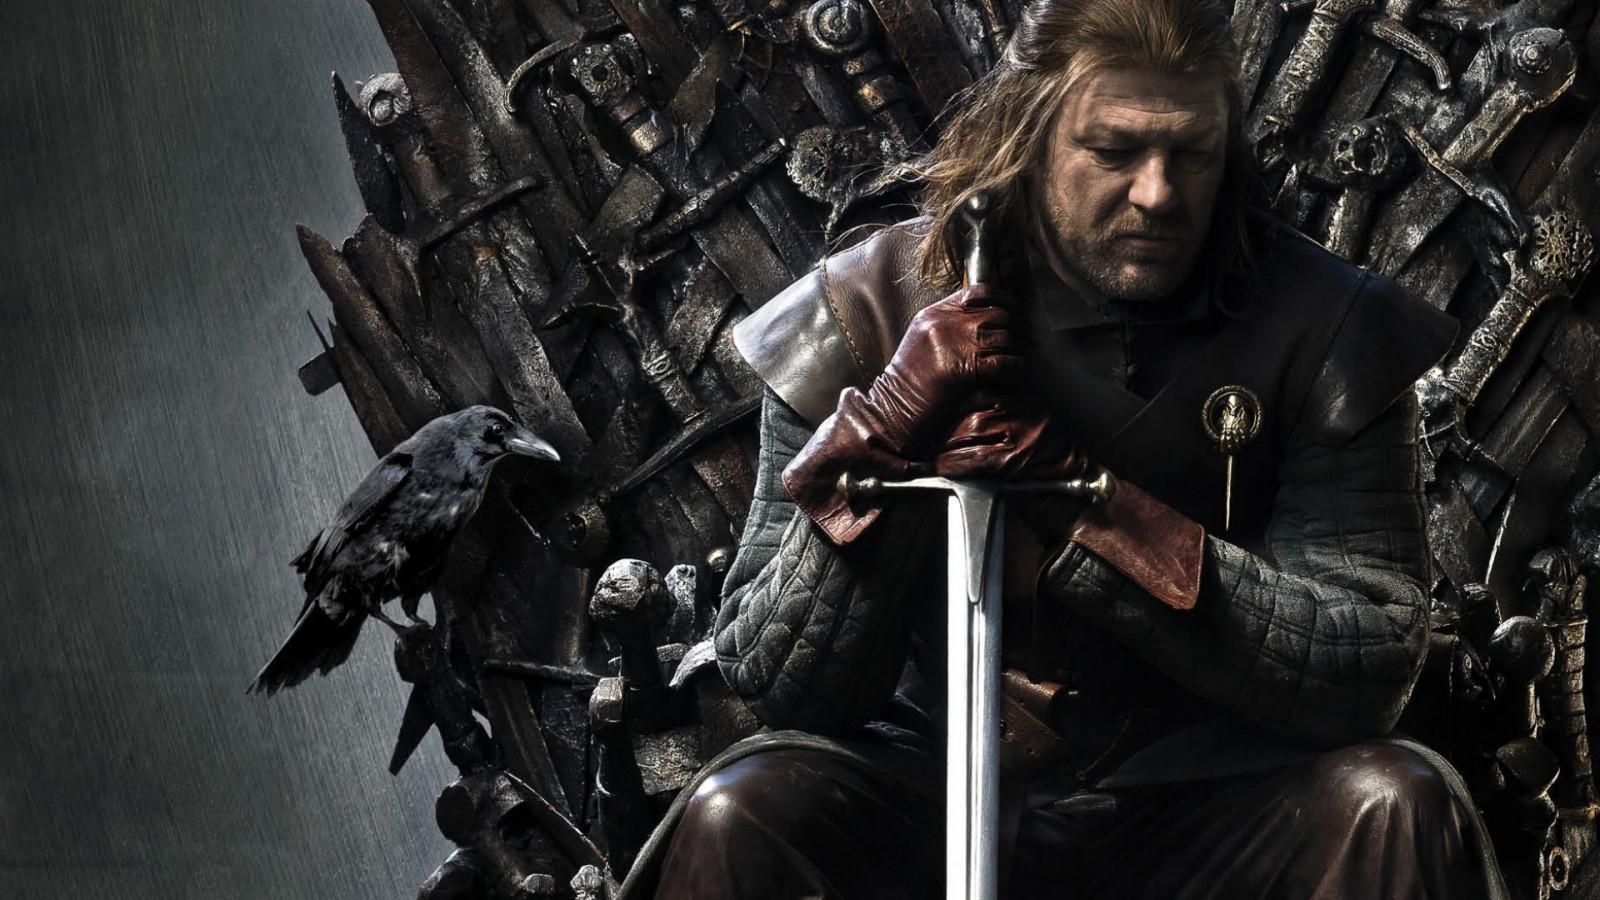 Fondos De Pantalla Game Of Thrones Casa Stark Ned Stark